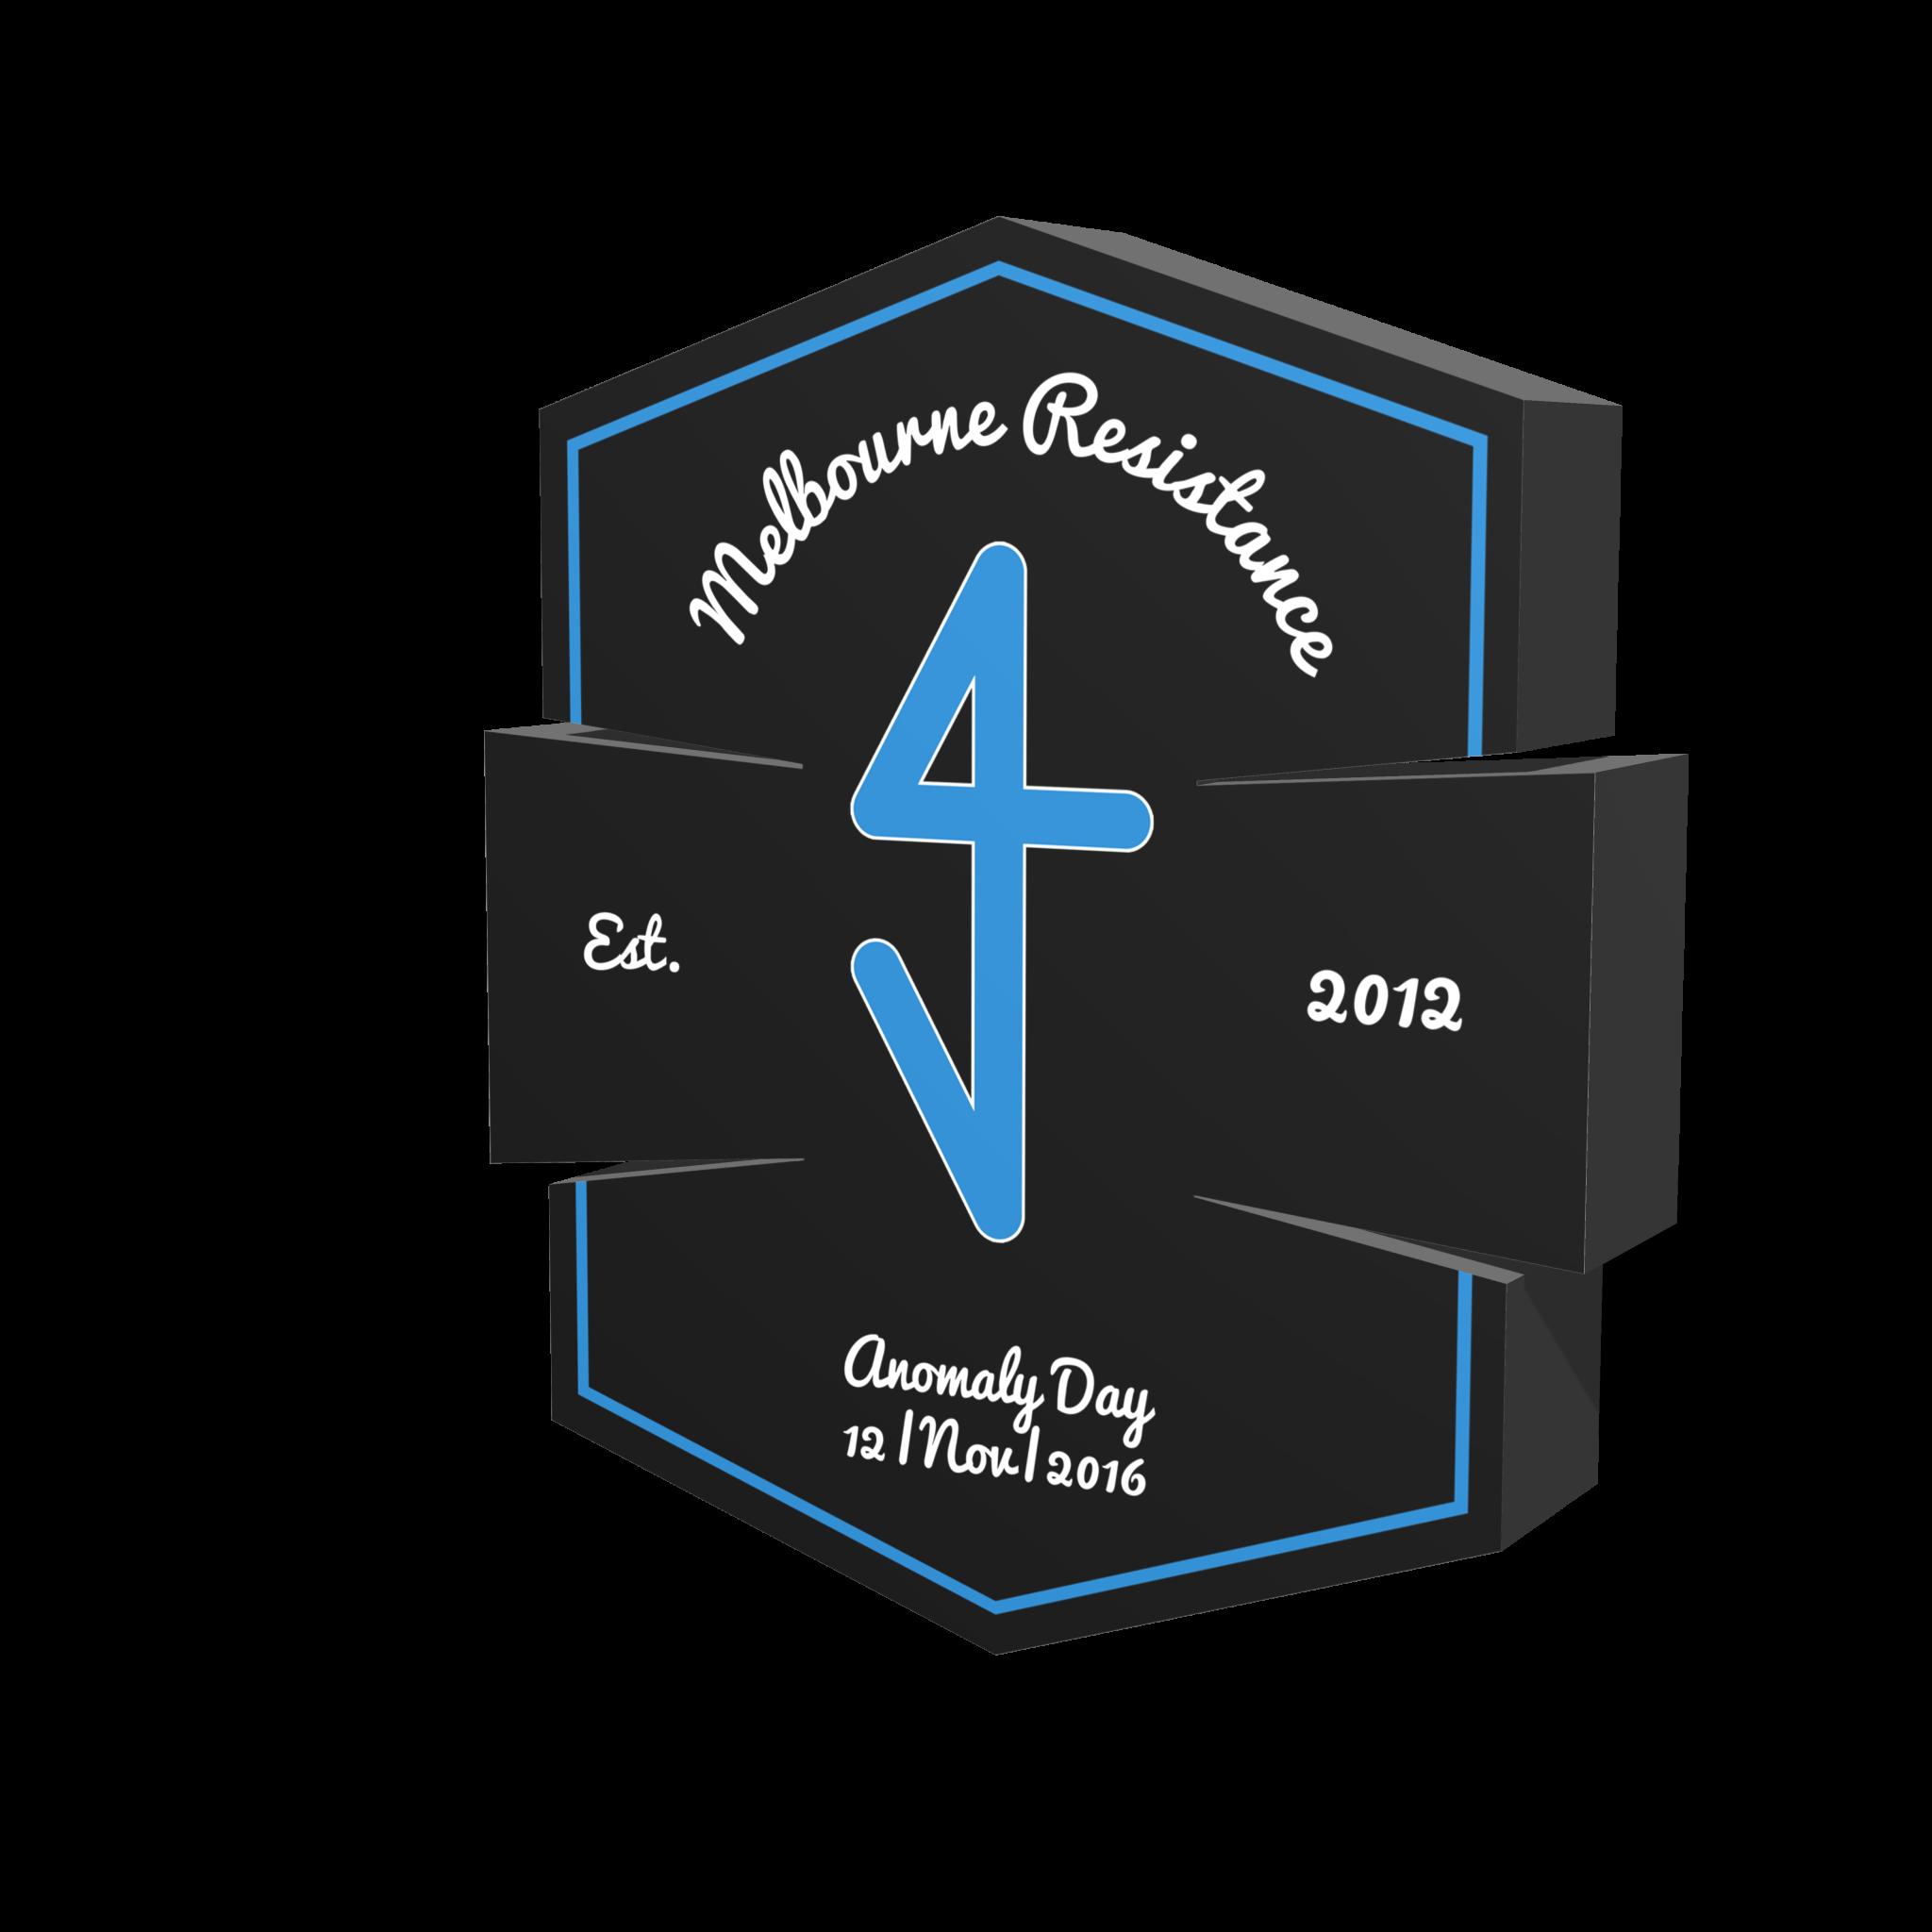 3d_final_logo